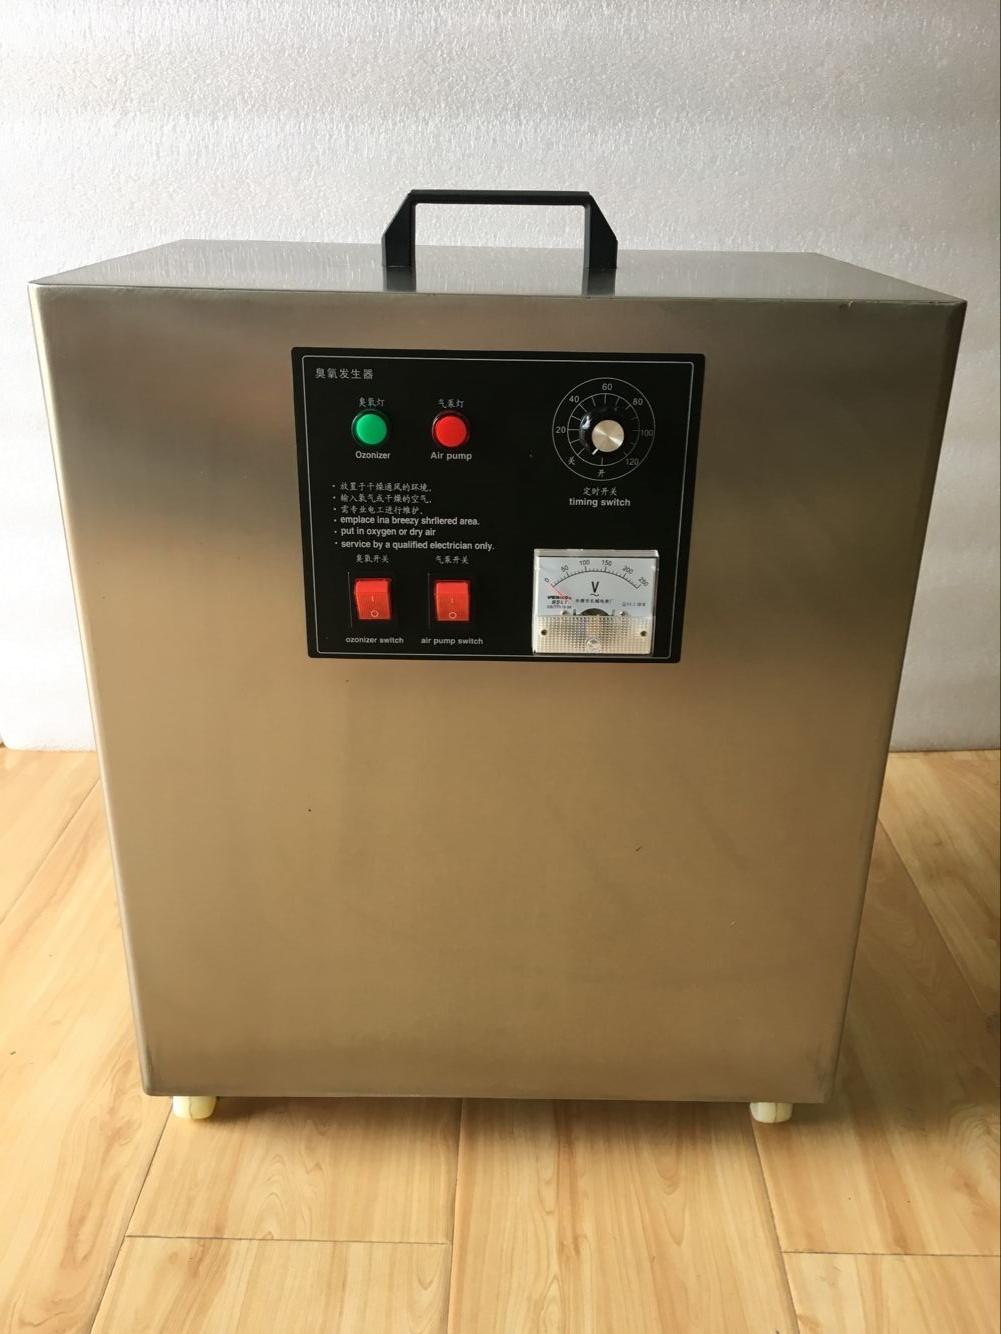 1200立方米杀菌消毒用那种型号臭氧发生器?